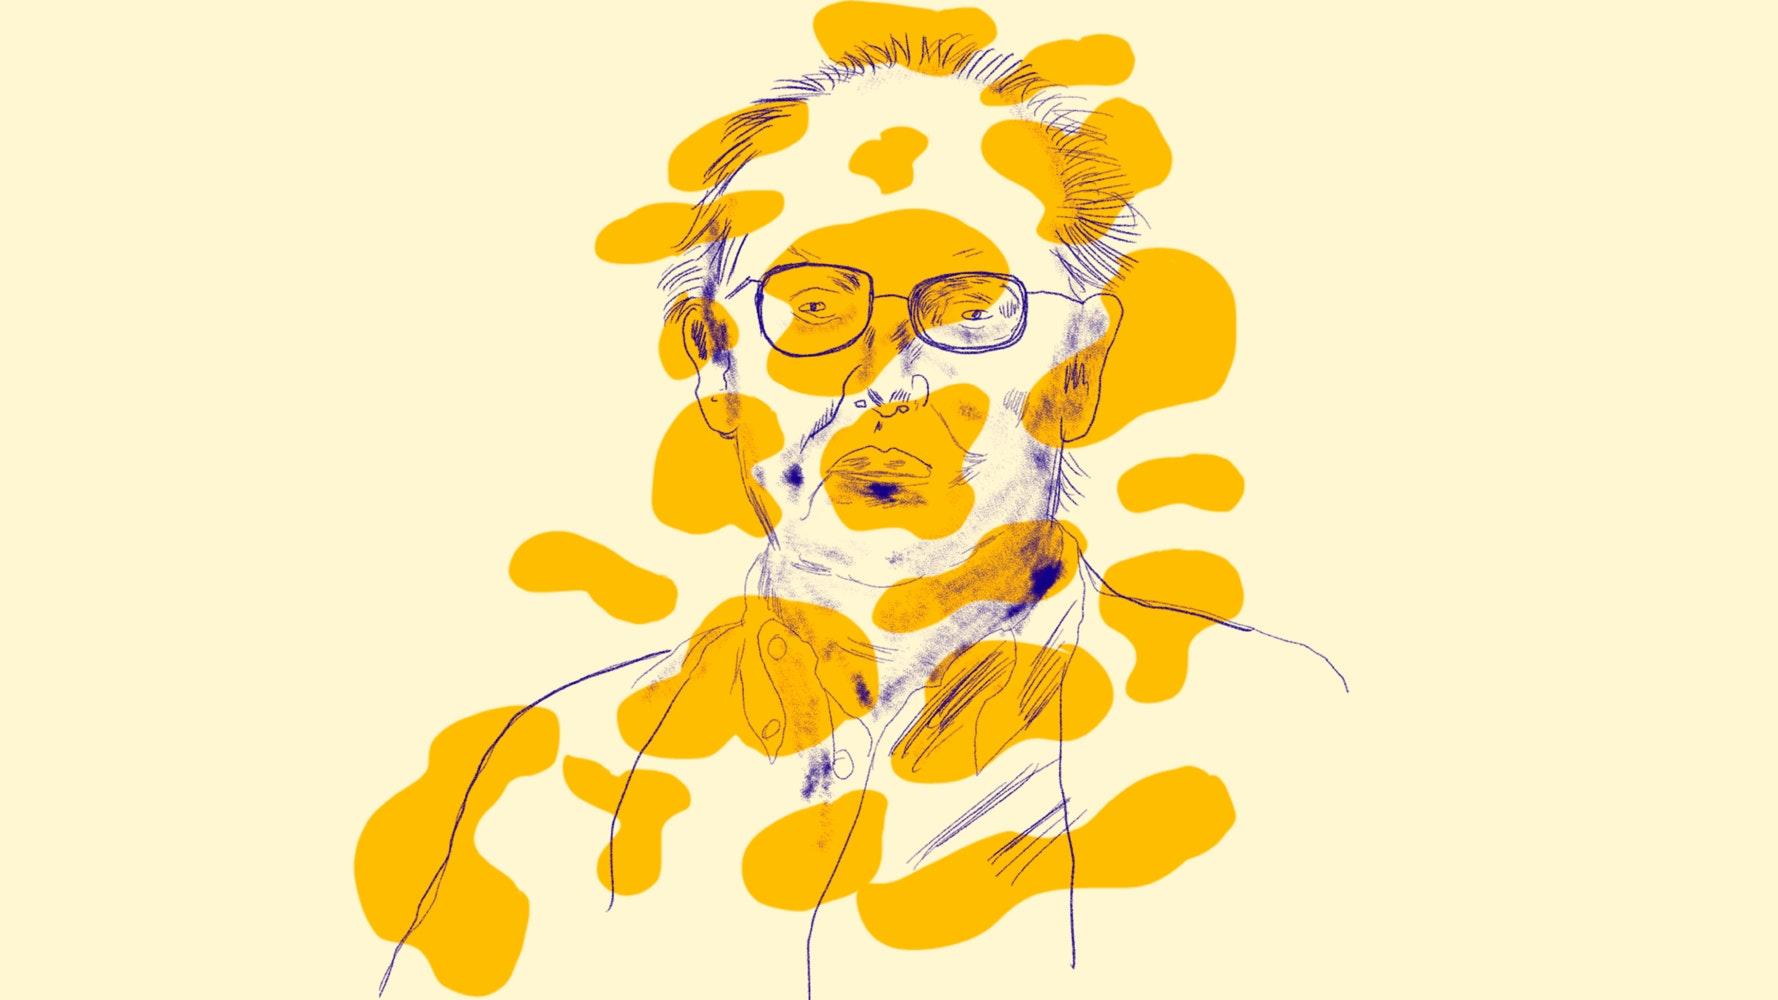 Concerned man wearing glasses